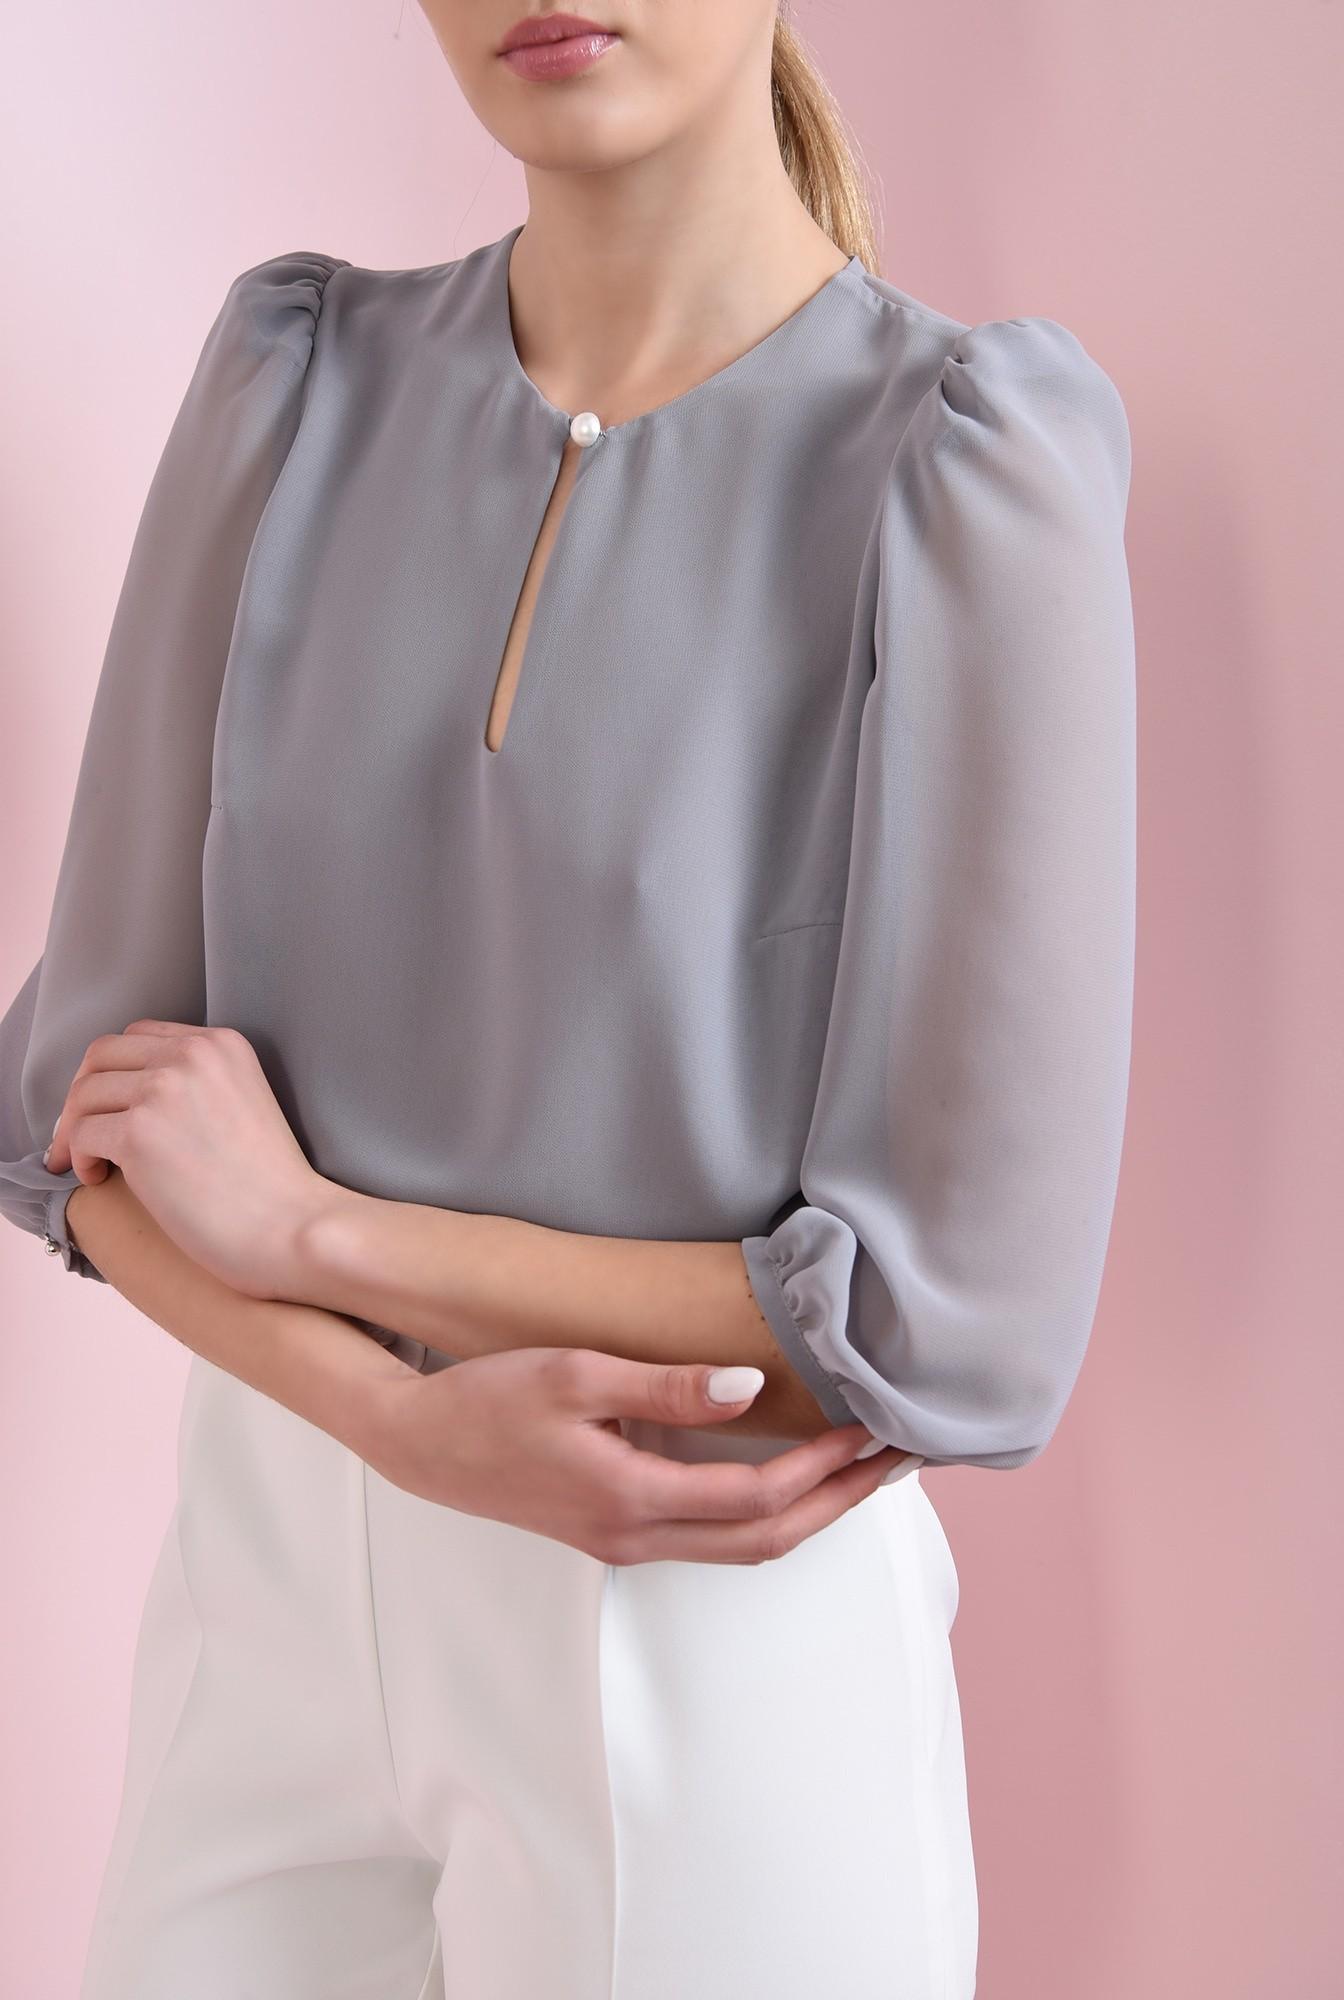 2 - 360 - bluza casual, gri, cu nasture